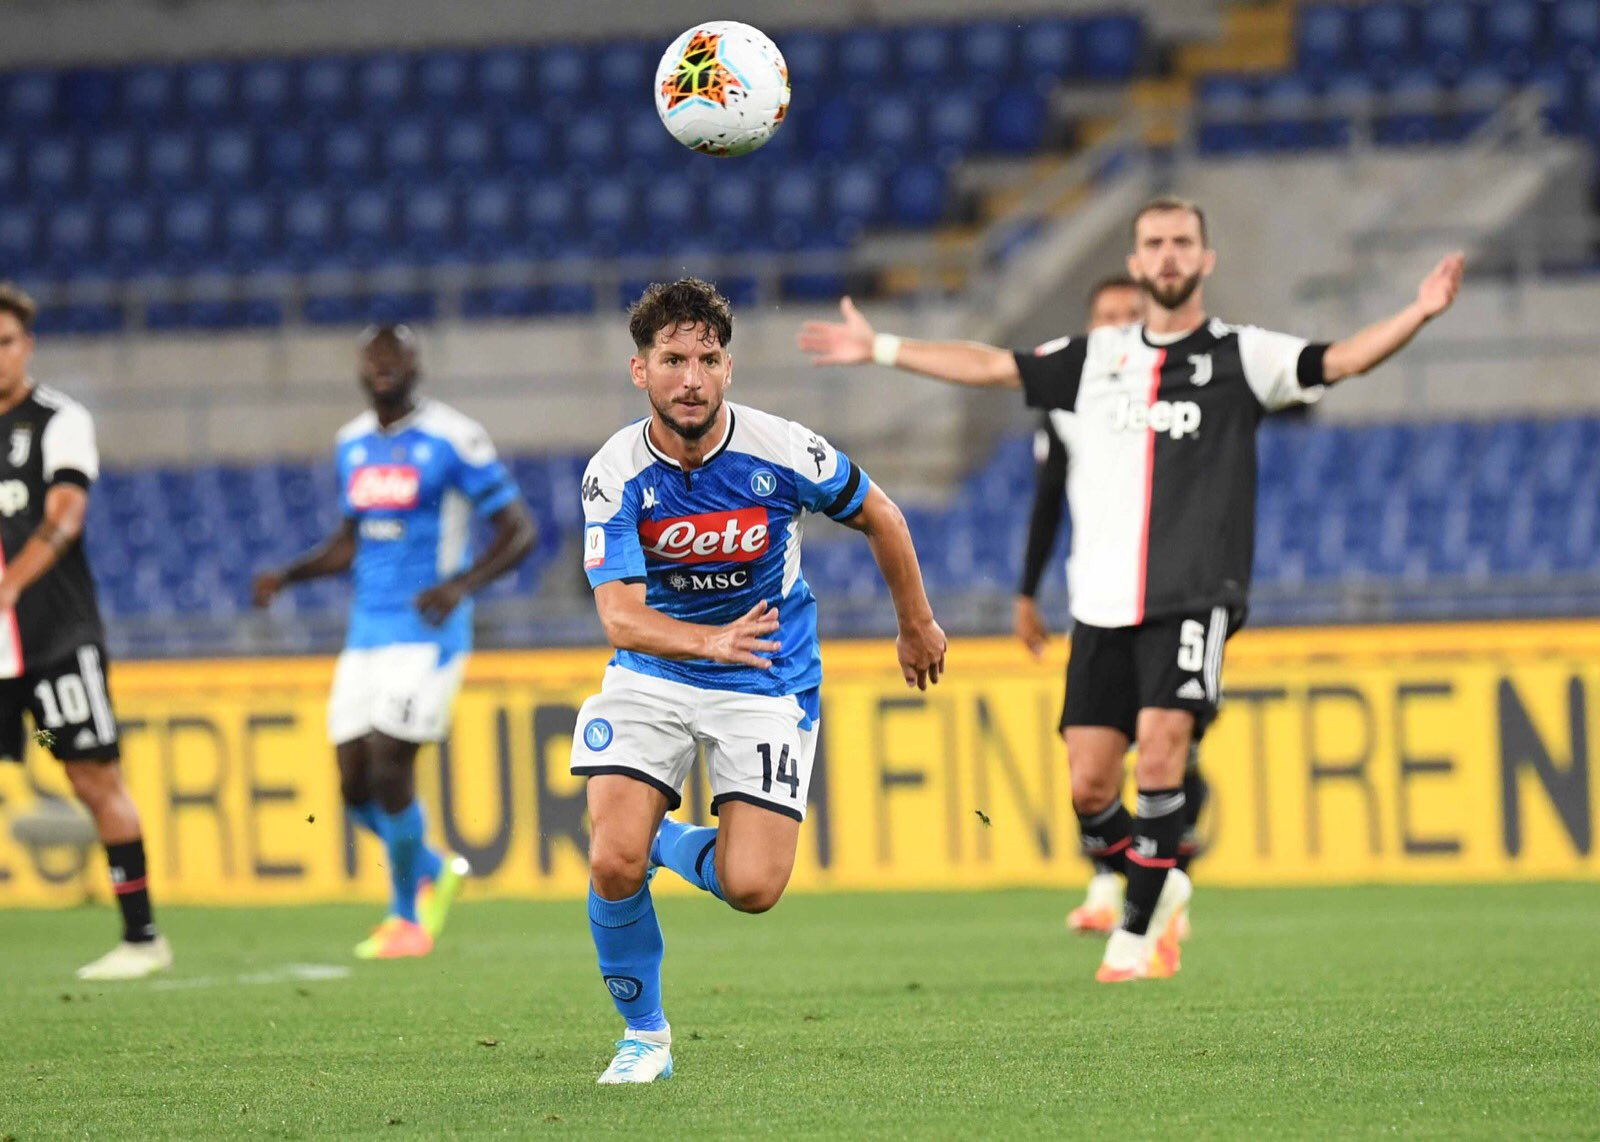 بركلات الترجيح نابولي يسحق يوڤنتوس ويحقق لقب كأس إيطاليا للمرة السادسة في تاريخه